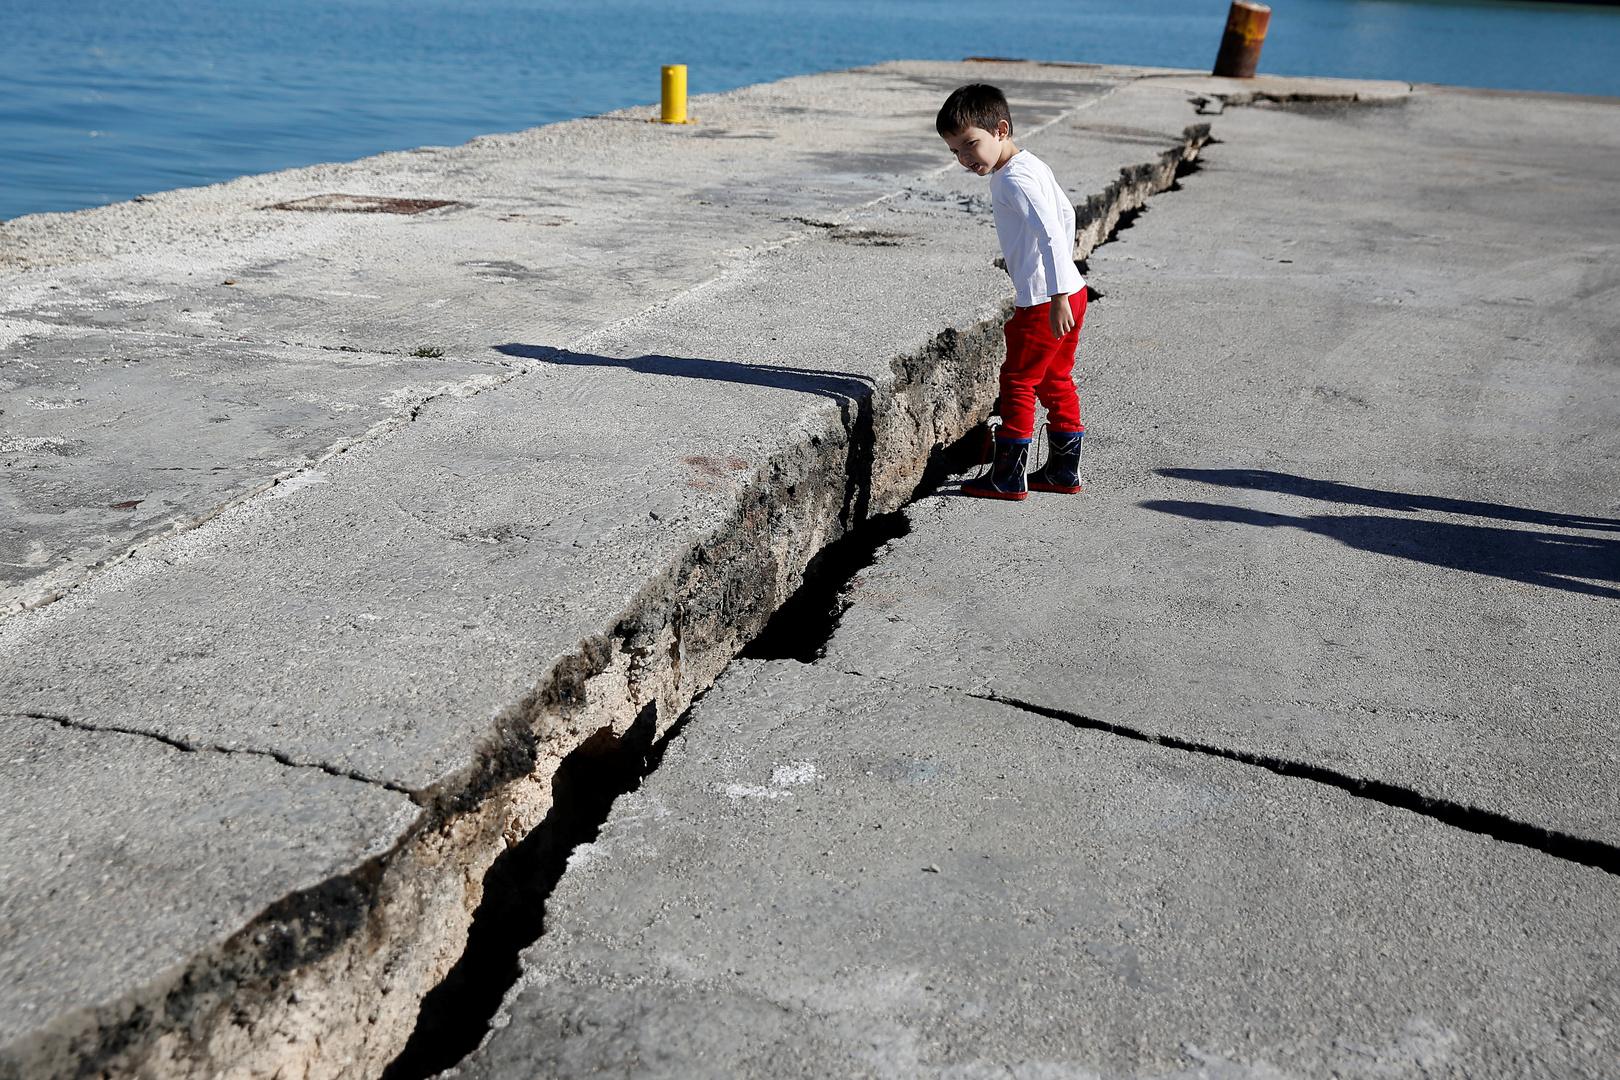 زلزال بقوة 4,6 درجات على سلم ريختر يضرب اليونان